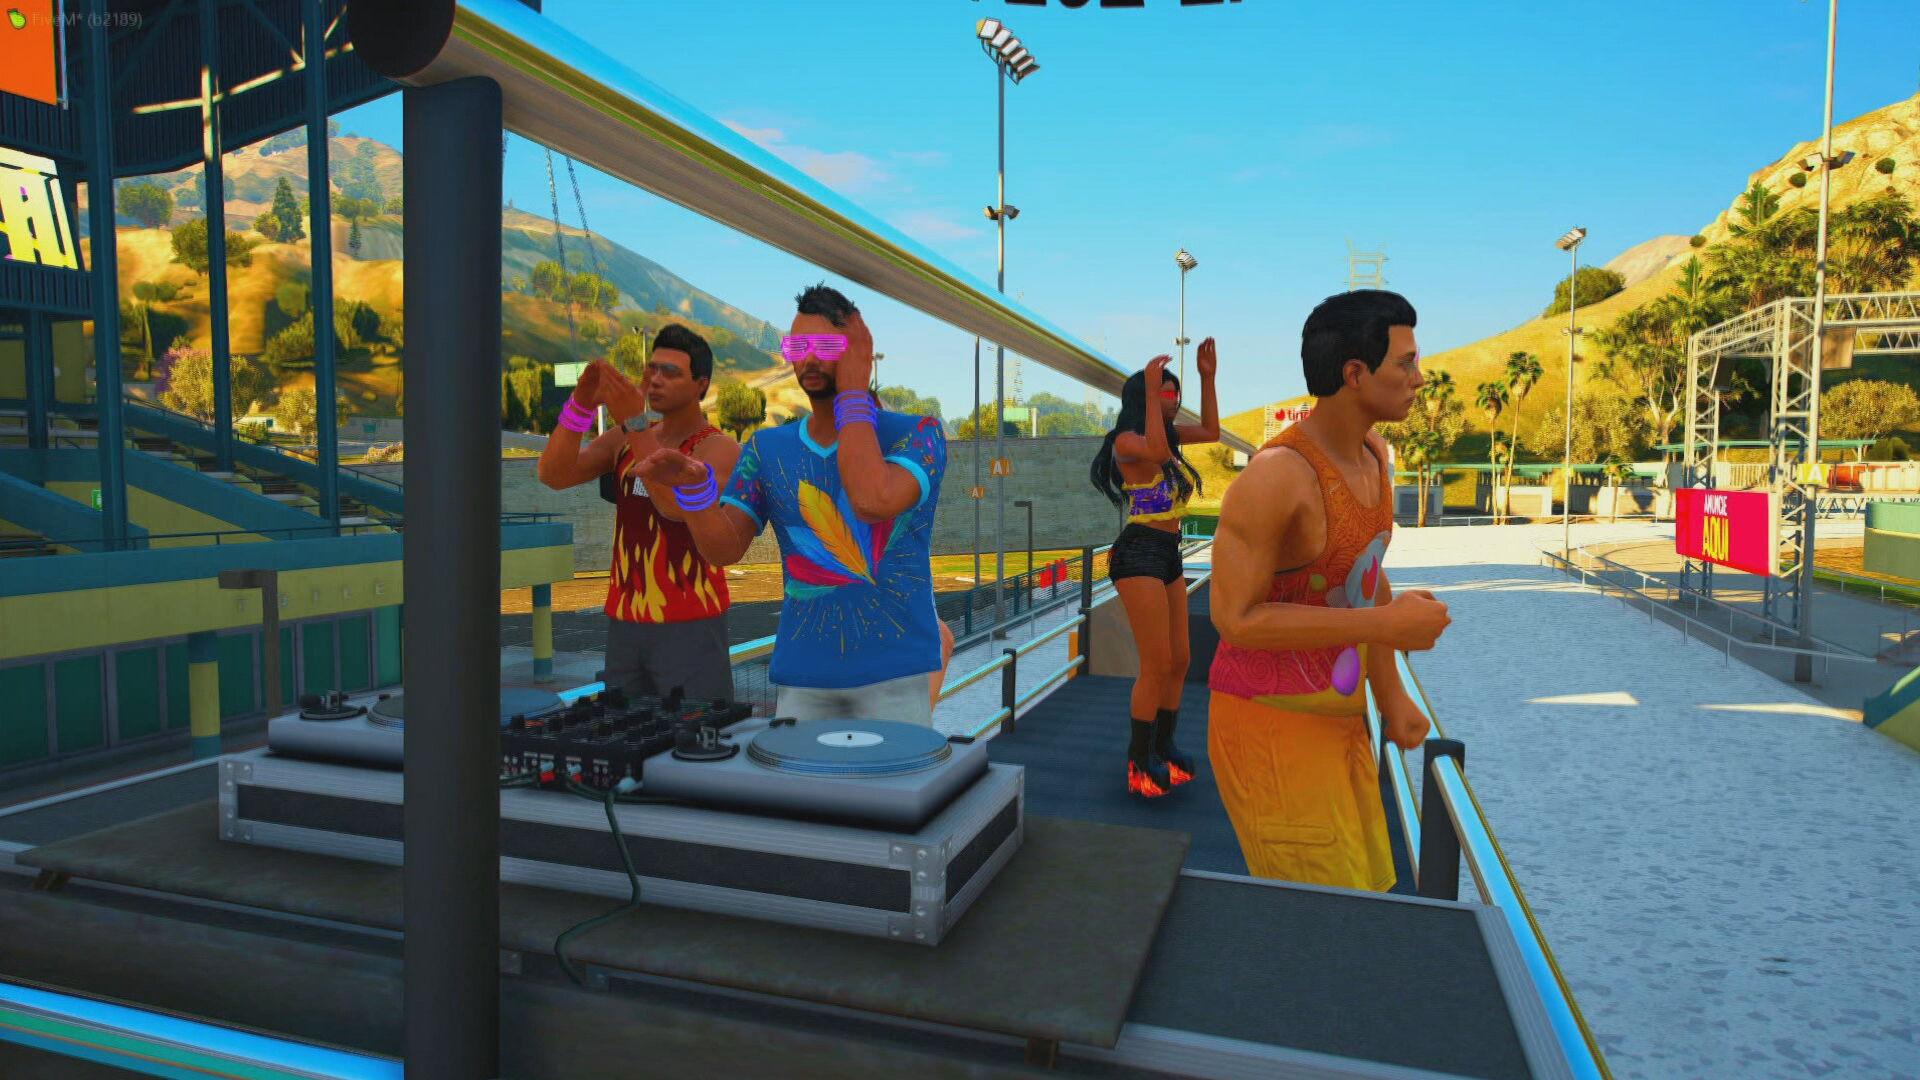 Carnaval no GTA promete animar os foliões gamers em folia virtual